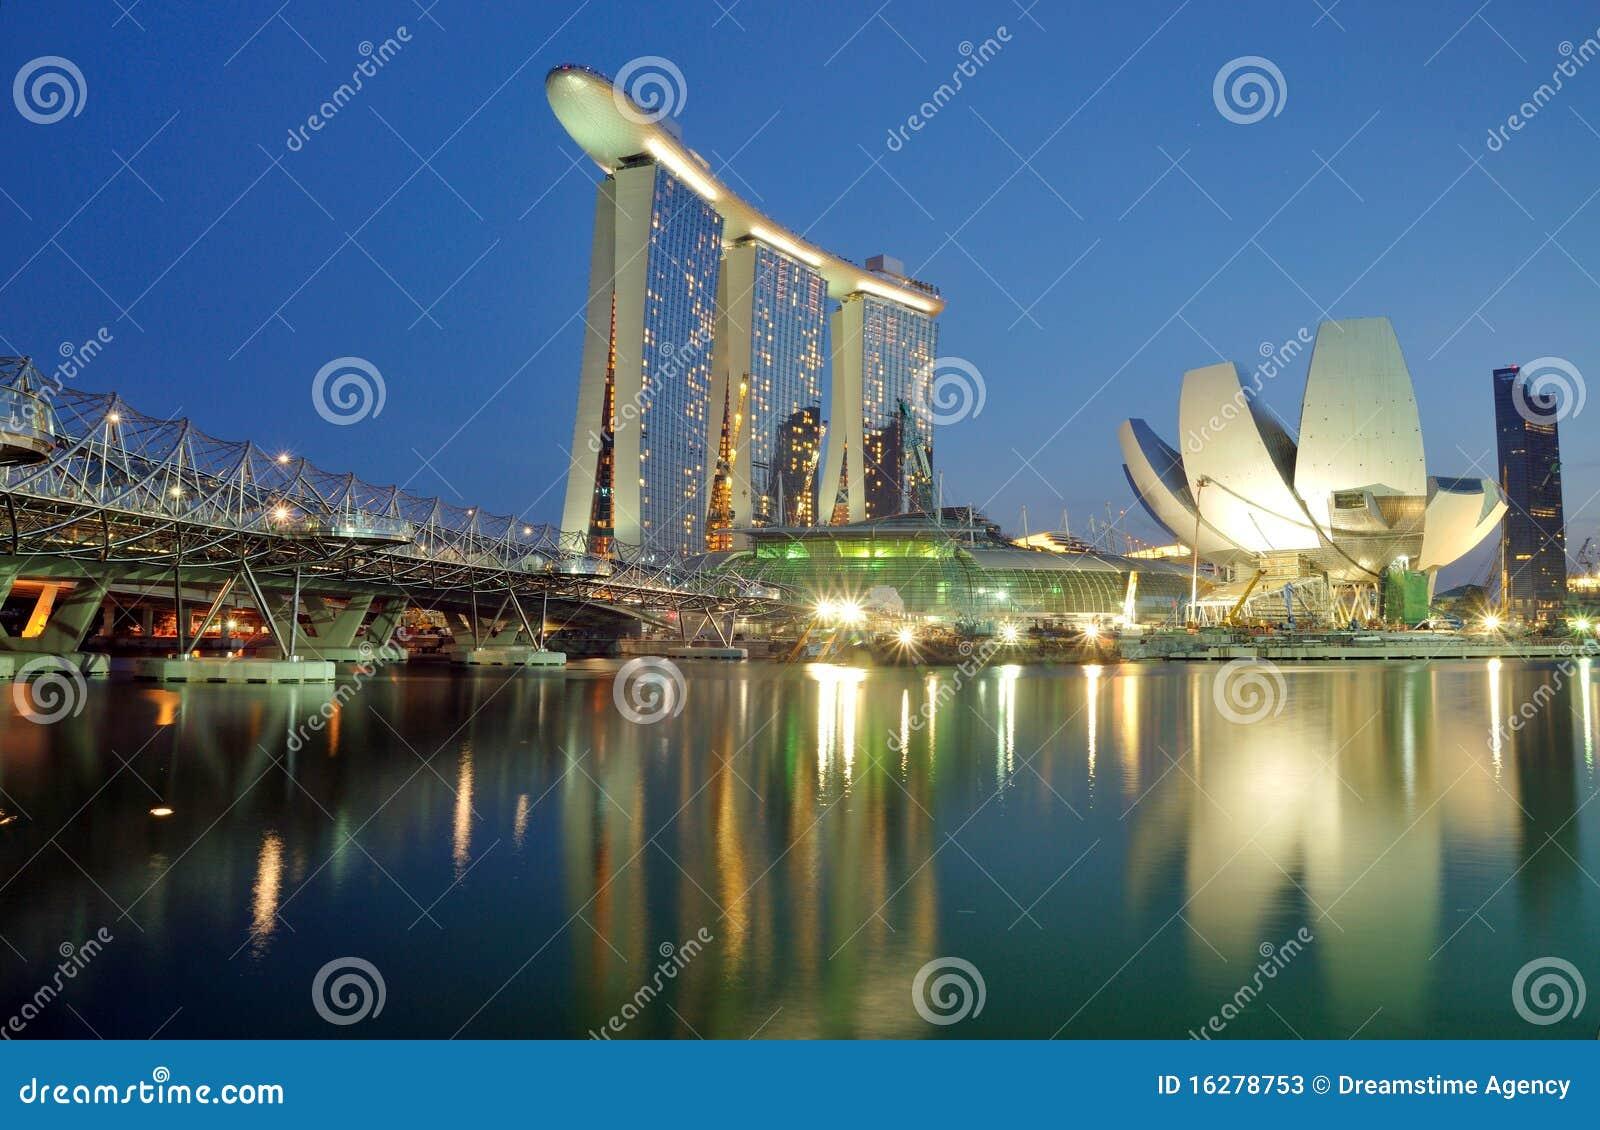 Marina Bay Sands Landscape